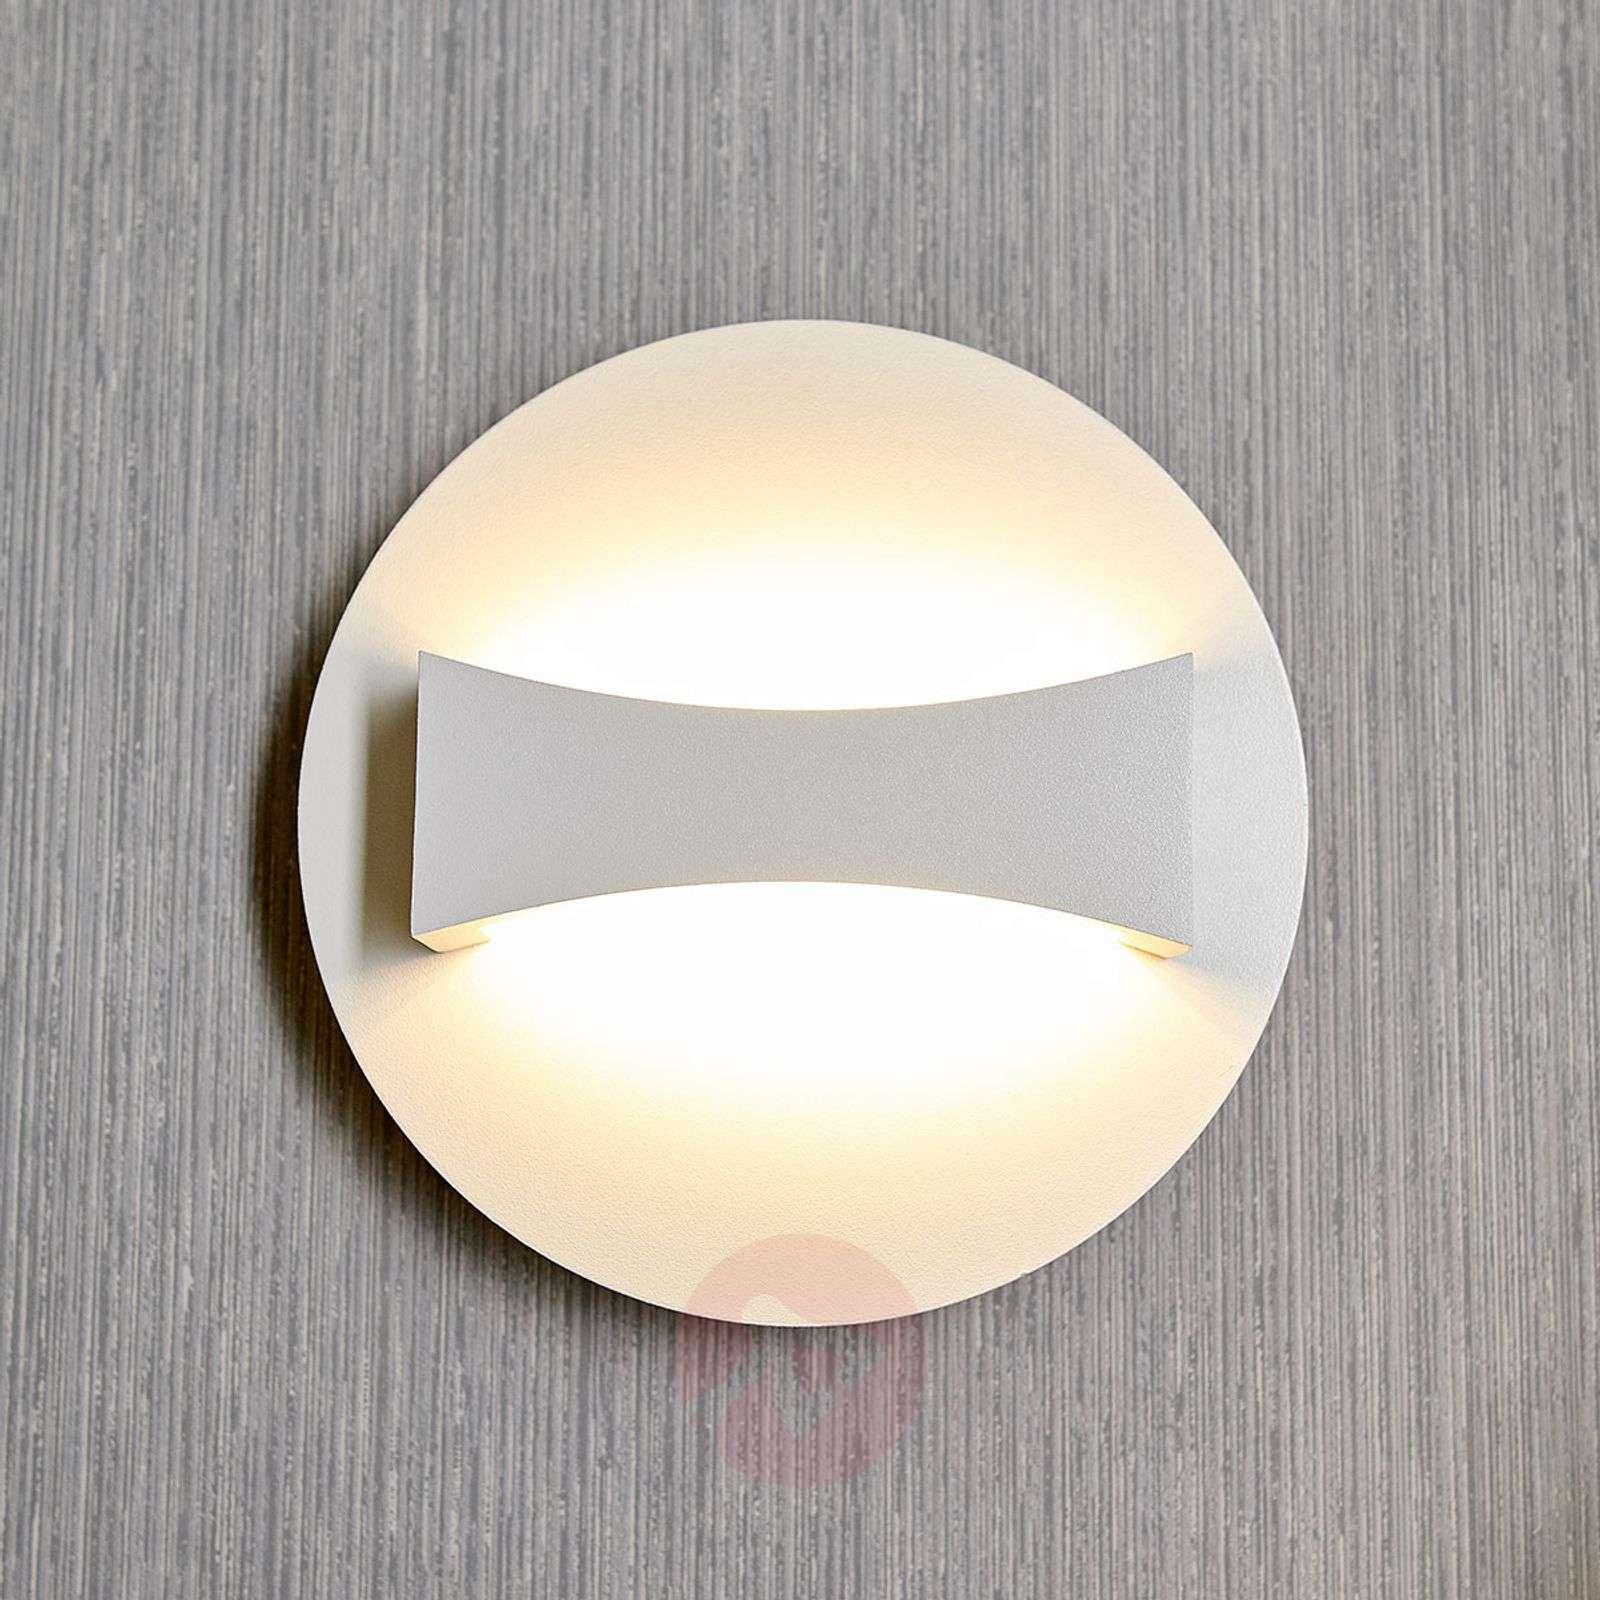 Vaikuttavan näköinen Avellino-LED-seinävalaisin-3006255-01